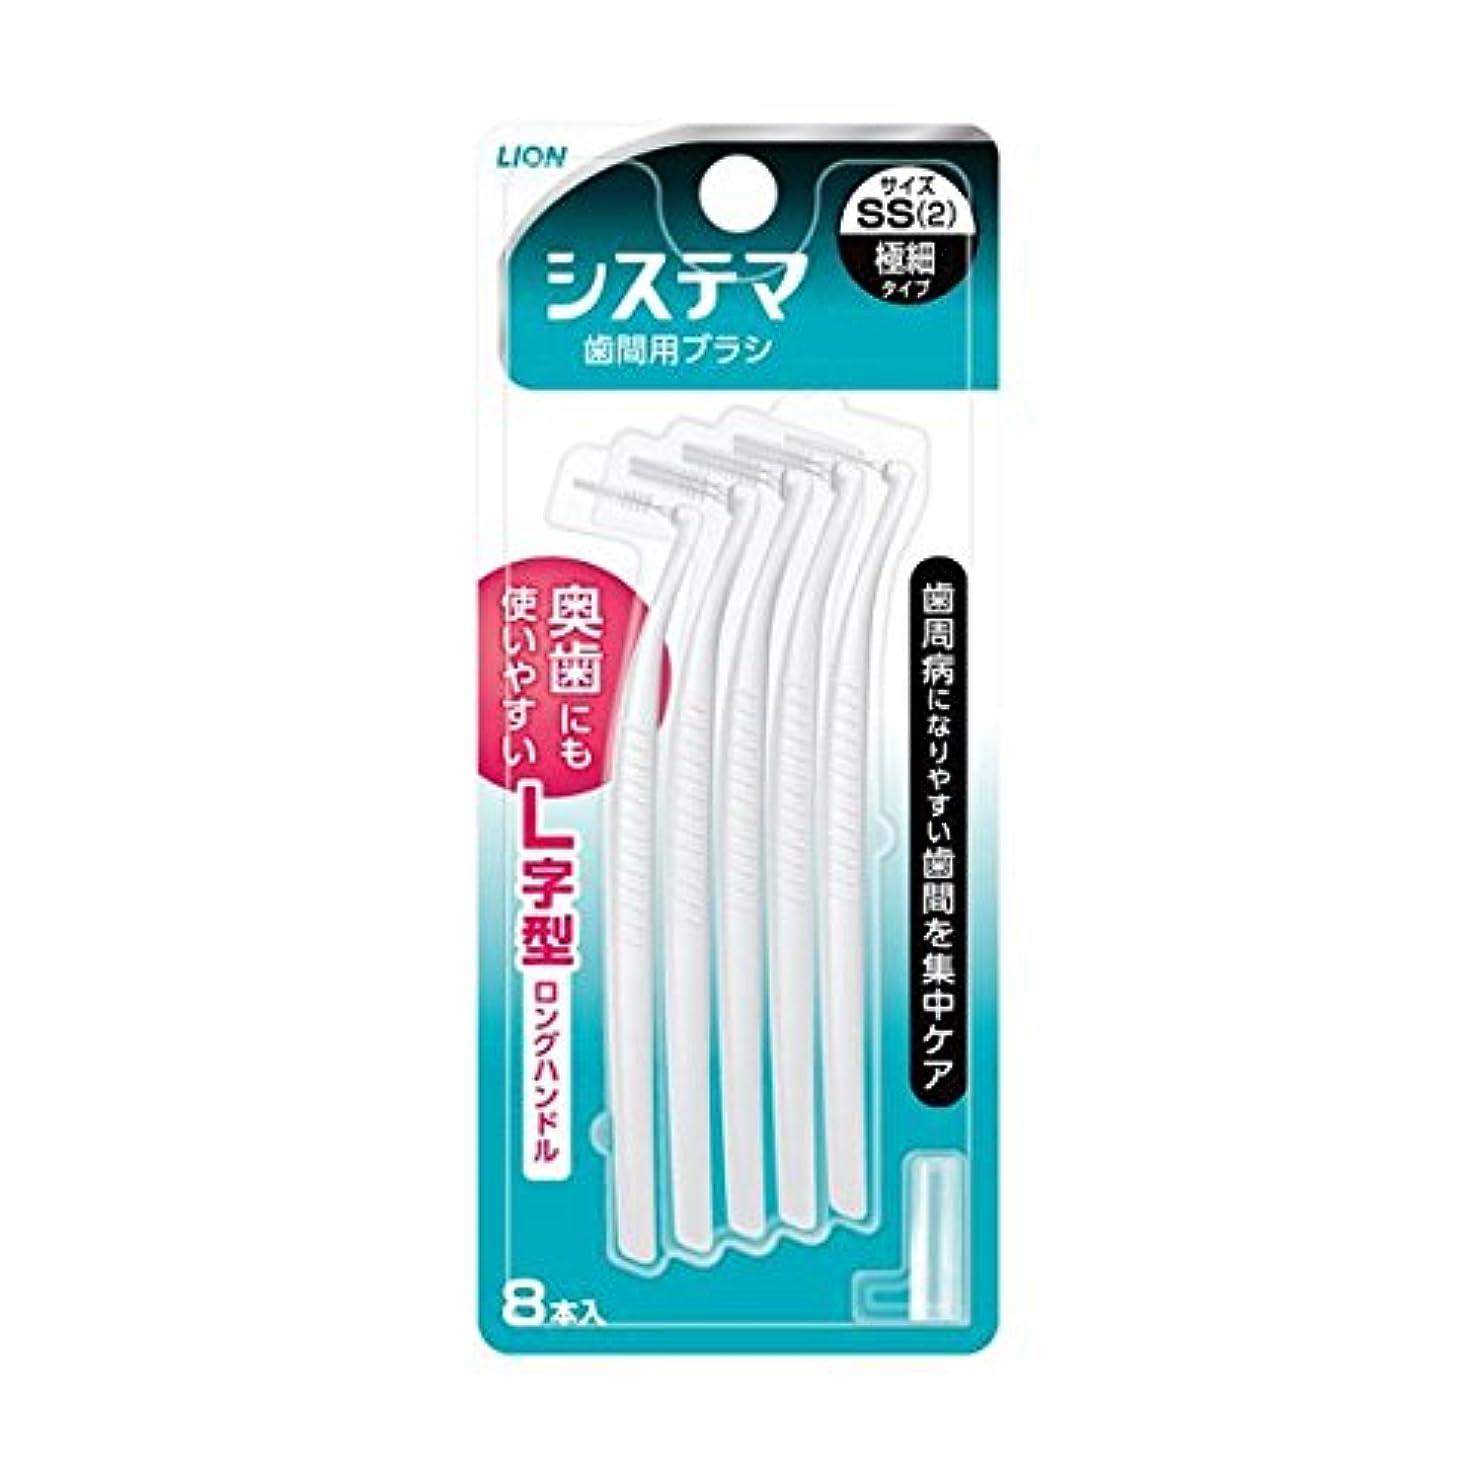 ピック提案コンセンサス【お徳用 6 セット】 システマ 歯間用ブラシ SSサイズ(極細タイプ) 8本入×6セット